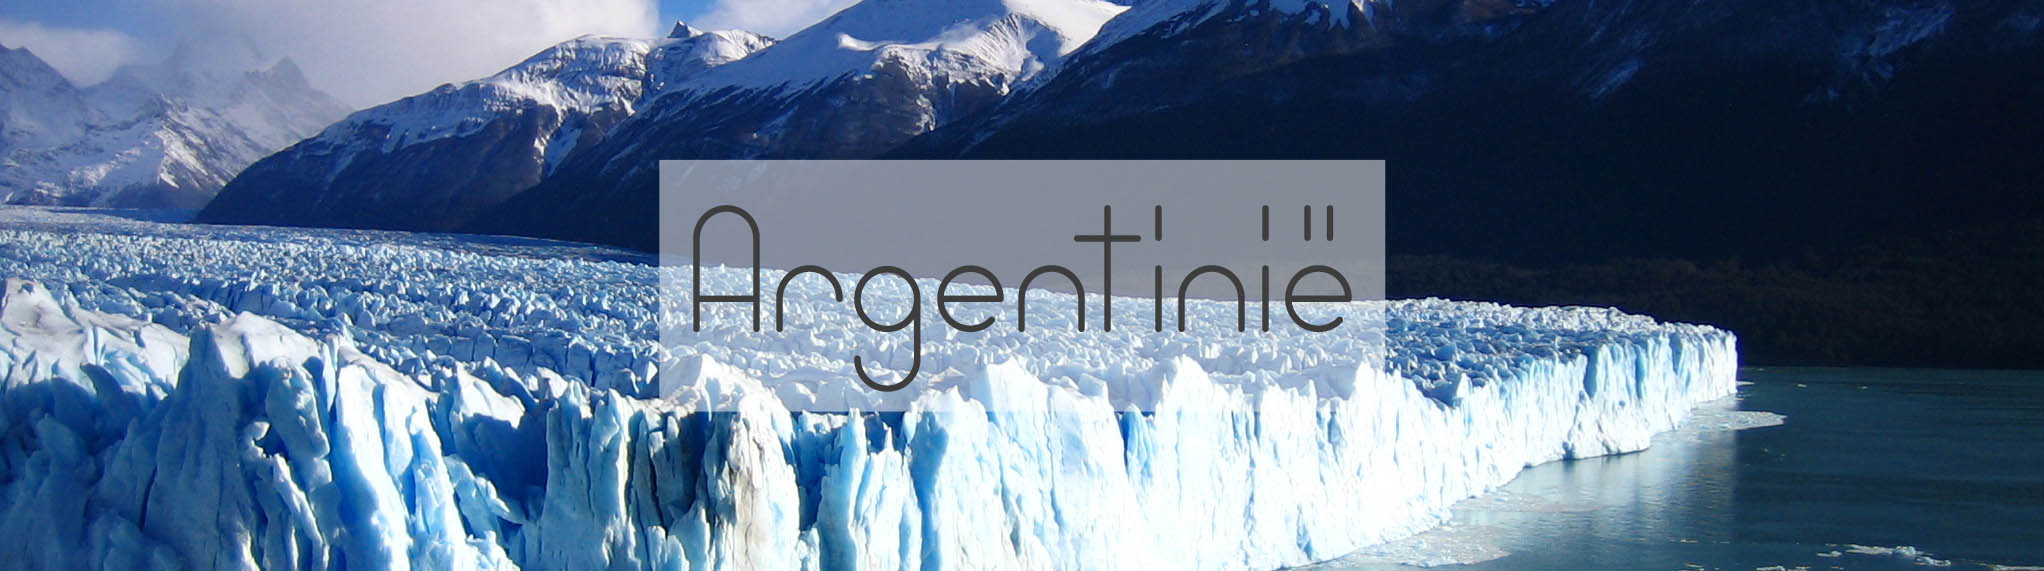 Argentinië reisinfo